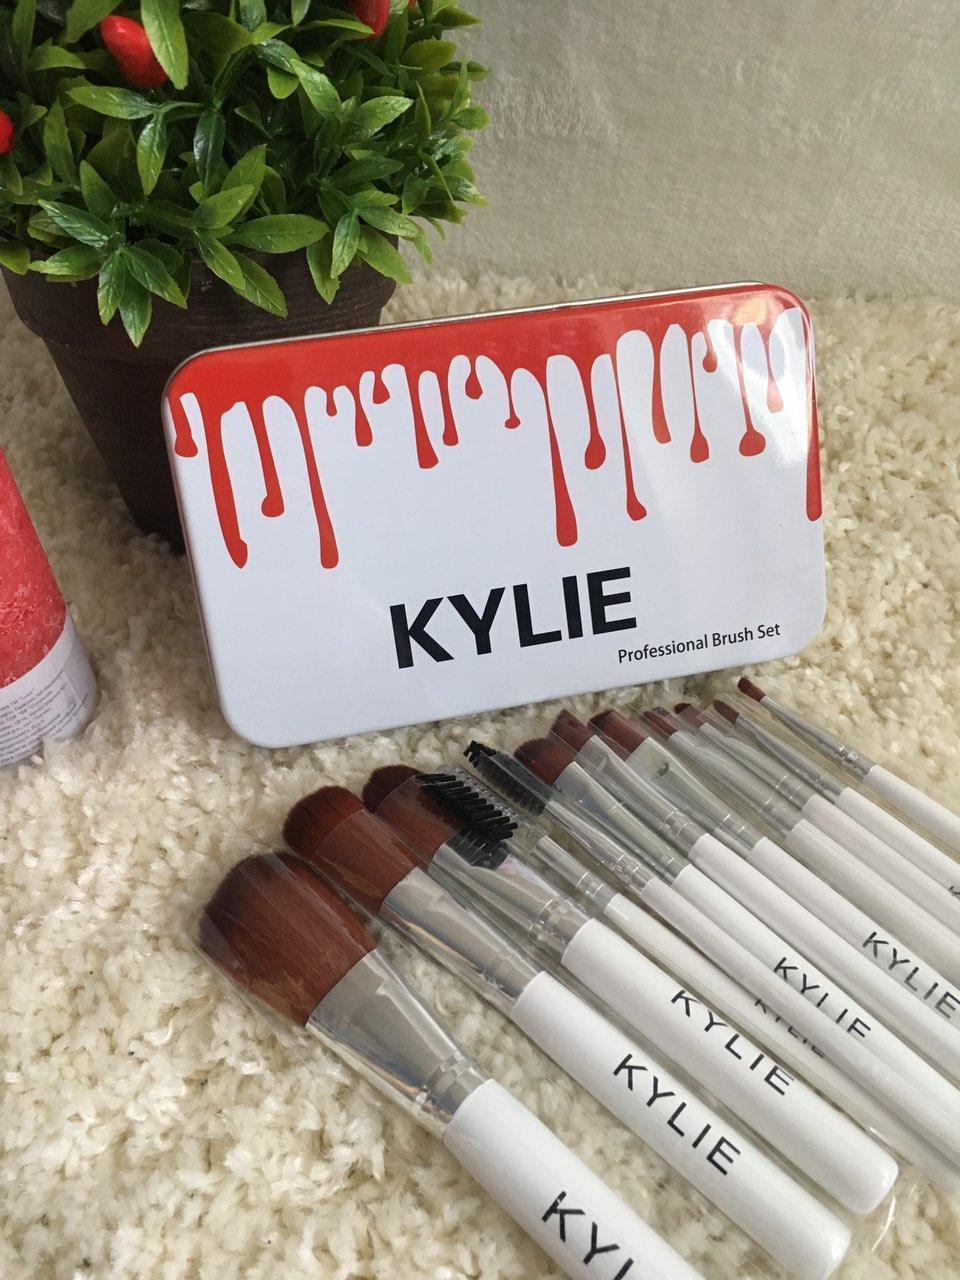 Профессиональный набор кистей для макияжа Kylie 12 шт. реплика